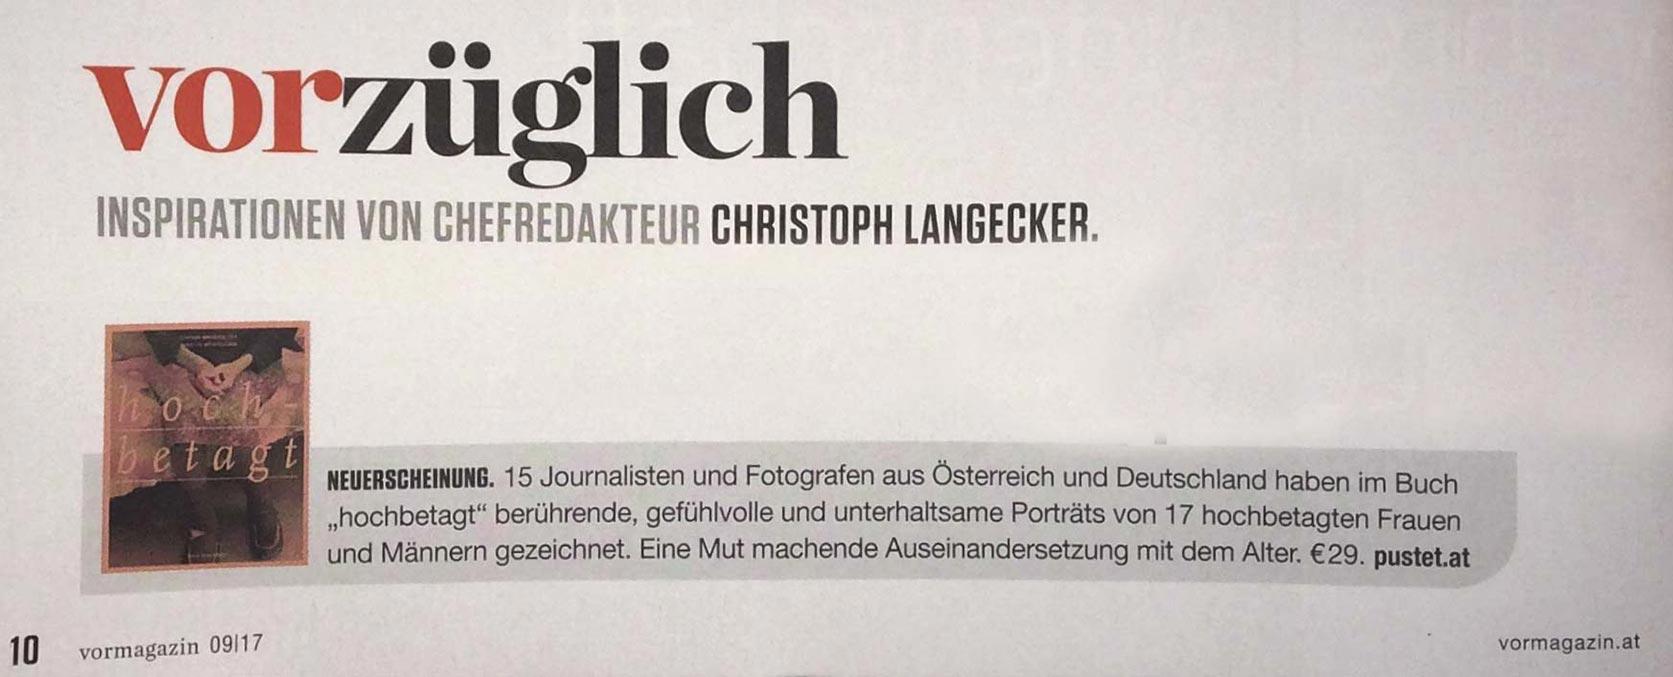 VOR Magazin September 2017 / Vorzüglich